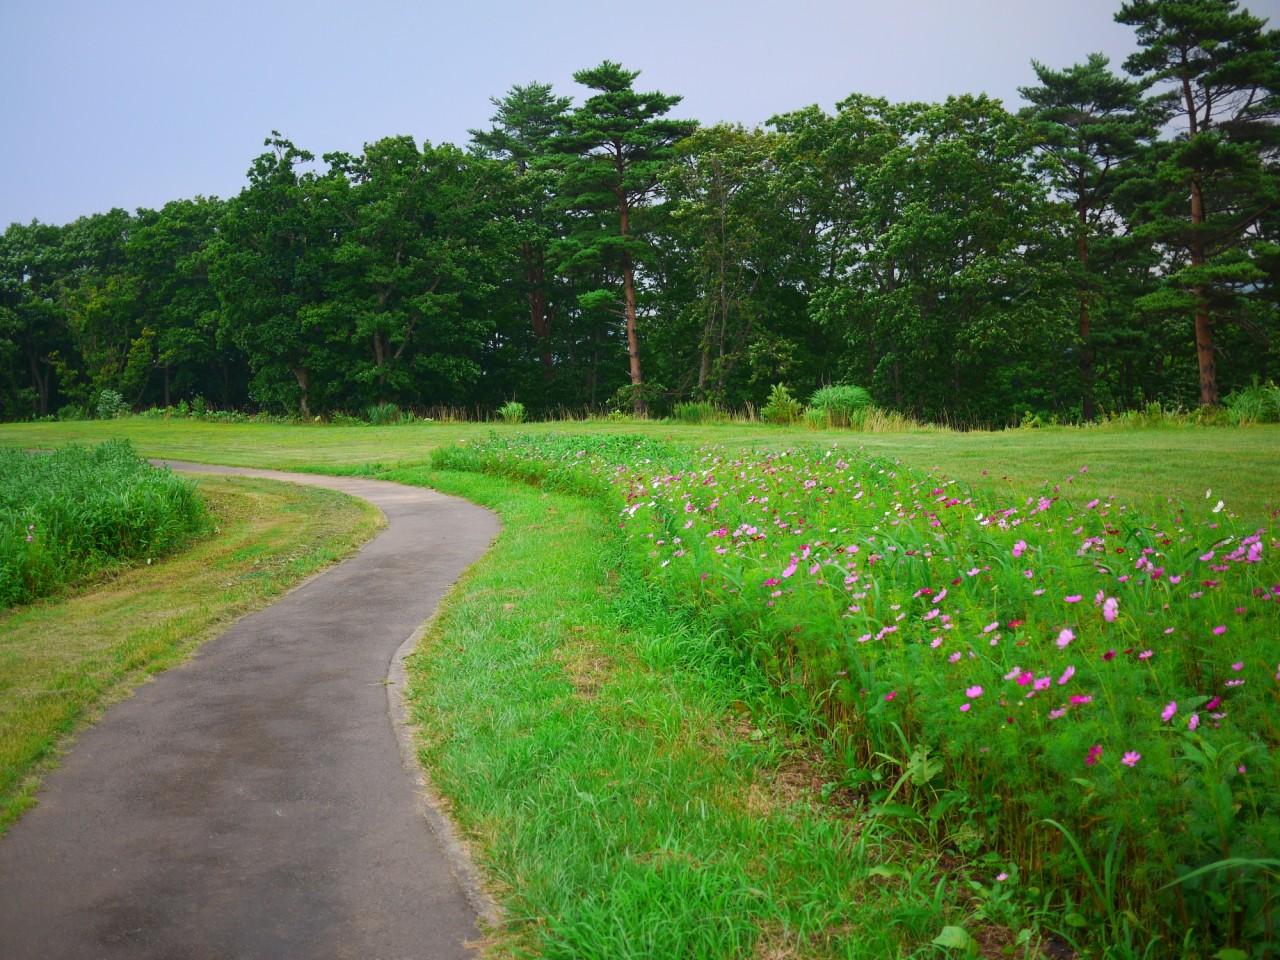 青森 津軽 青森市 風景 秋 林 モヤヒルズ 散策コース